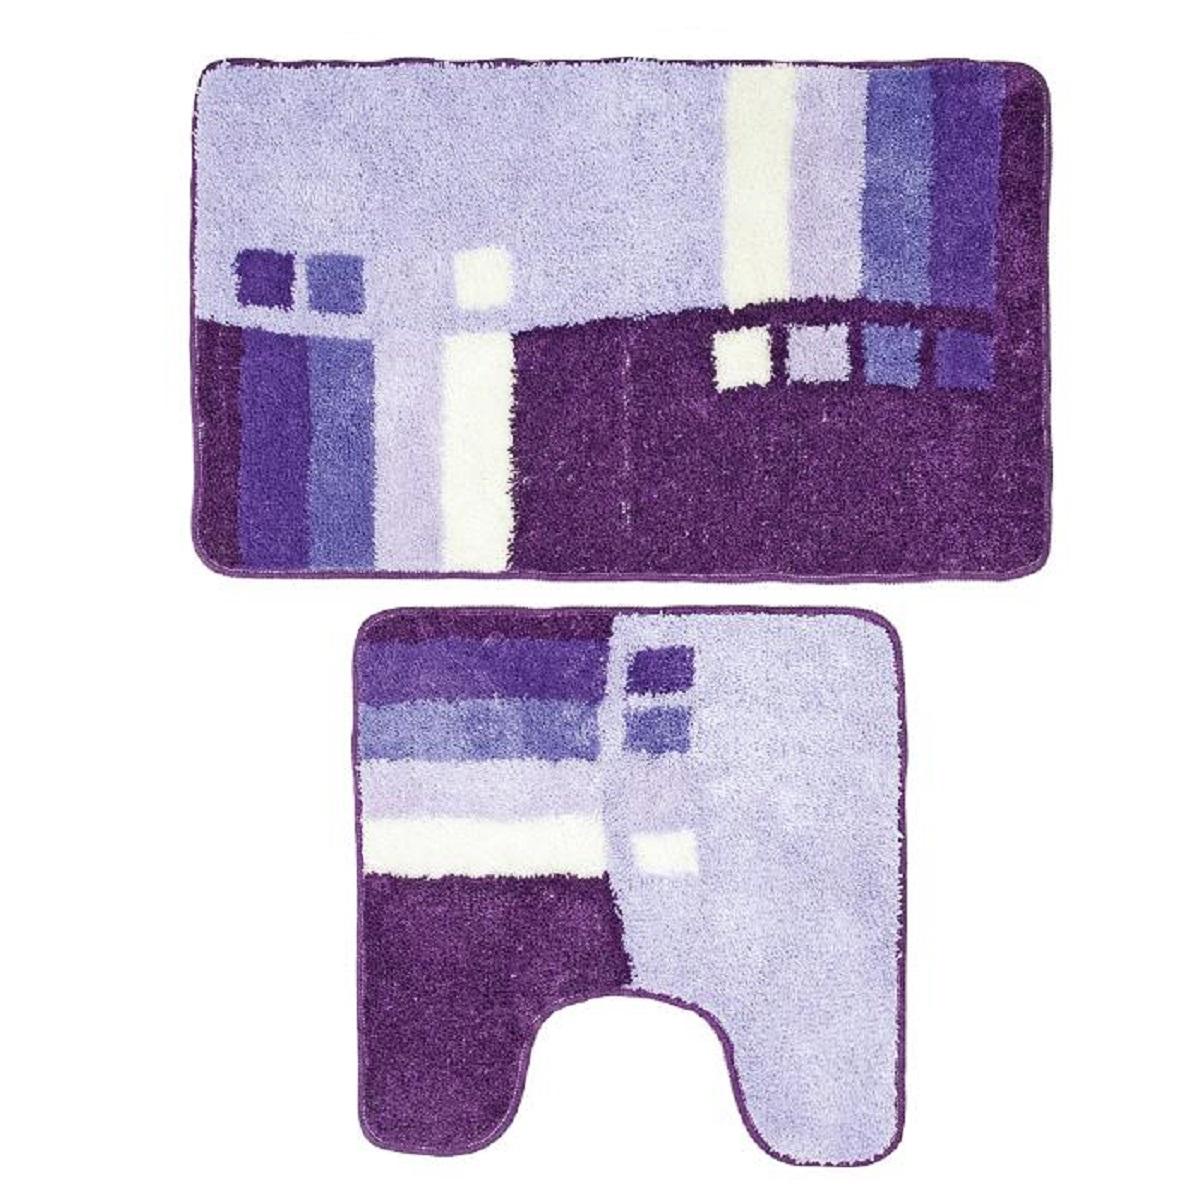 Набор ковриков для ванной Milardo Meteora Skies, цвет: голубой, 50 х 80 см, 50 х 50 см, 2 шт - Коврики